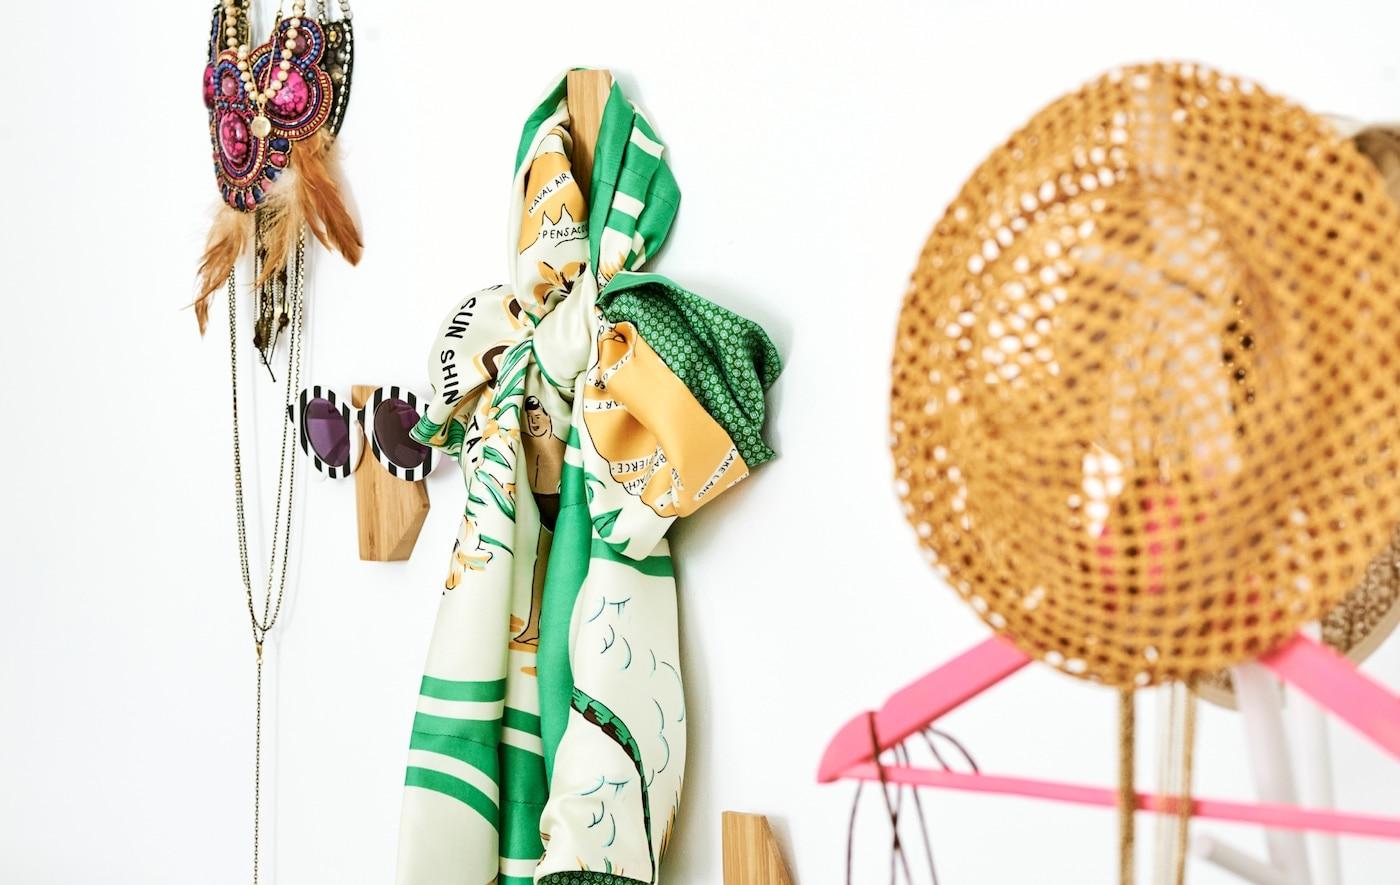 Différents accessoires vestimentaires accrochés au mur sur des crochets asymétriques: des lunettes de soleil, un foulard, des colliers et un chapeau de paille.